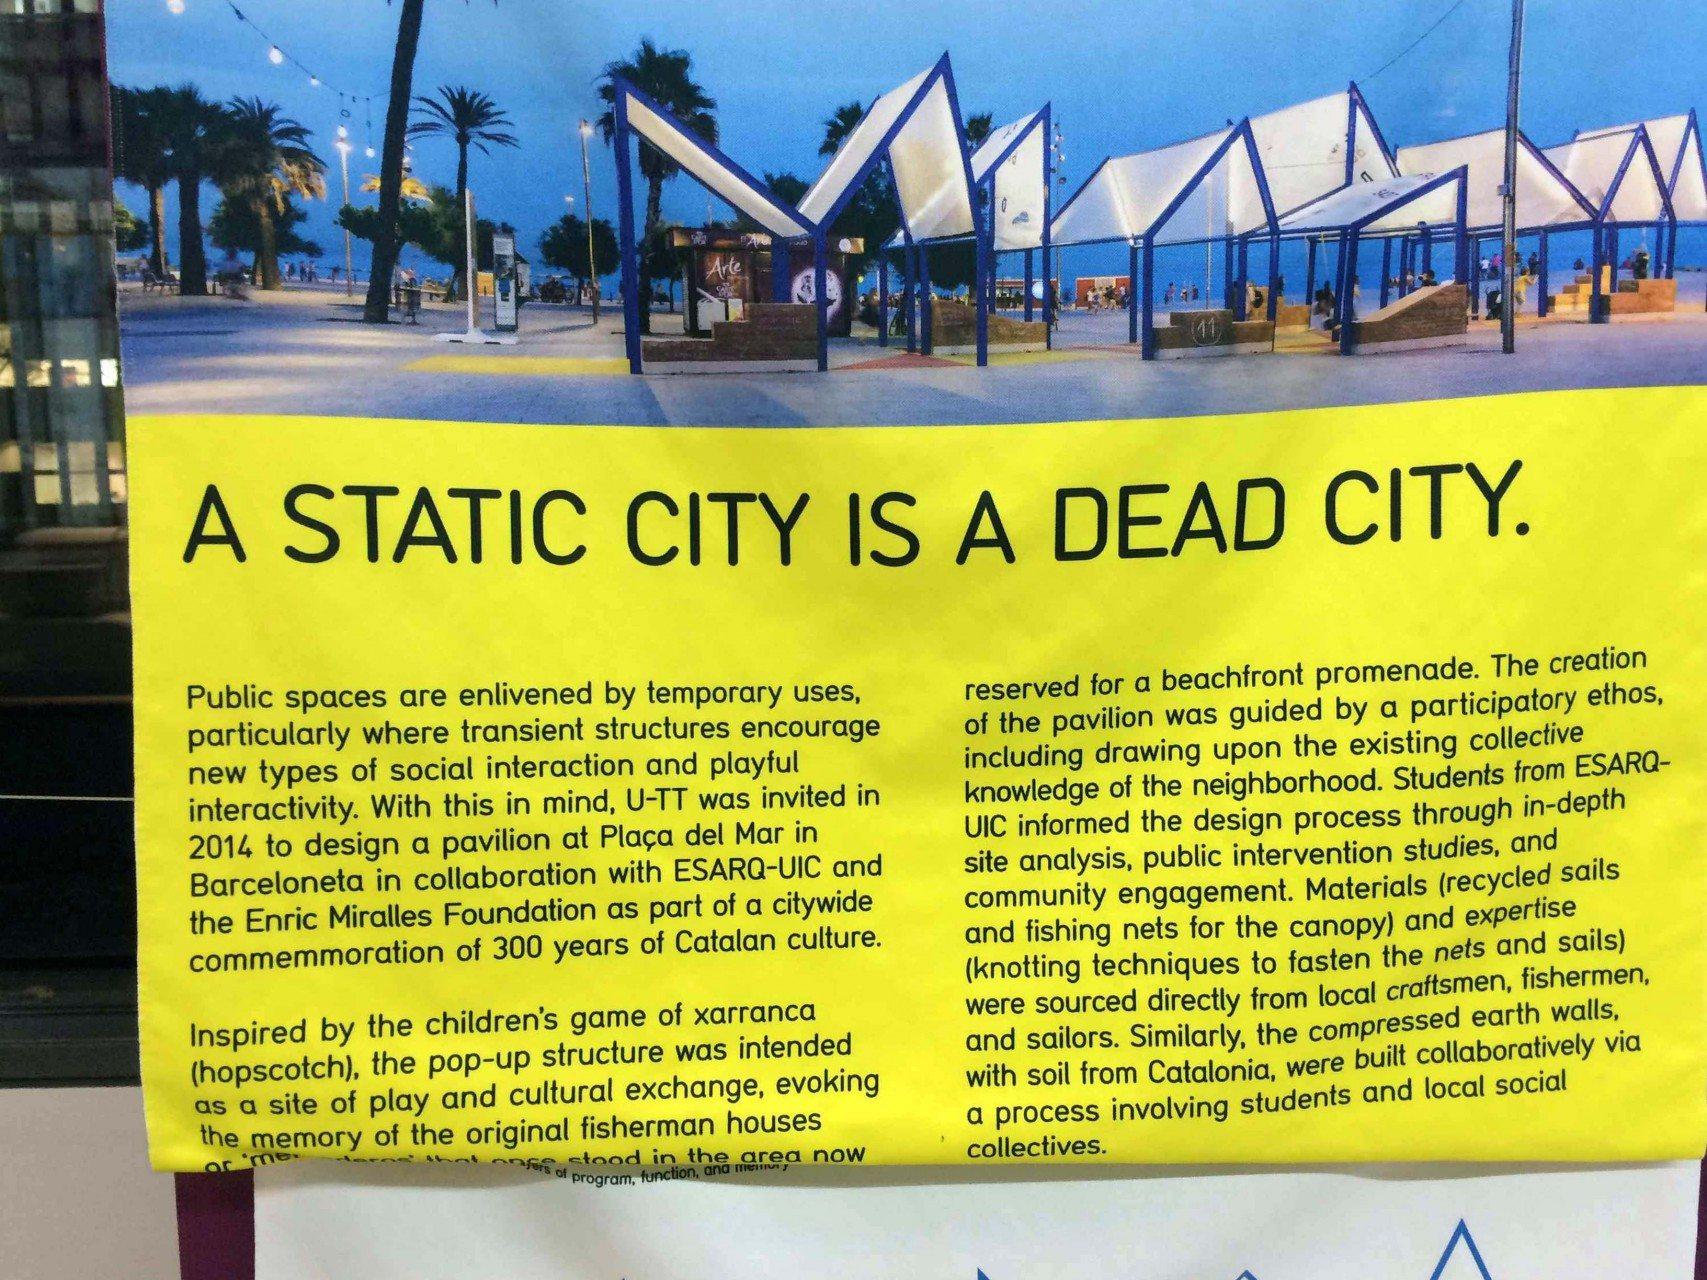 Xarranca, Barcelona. Eine statische Stadt, ist eine tote Stadt.